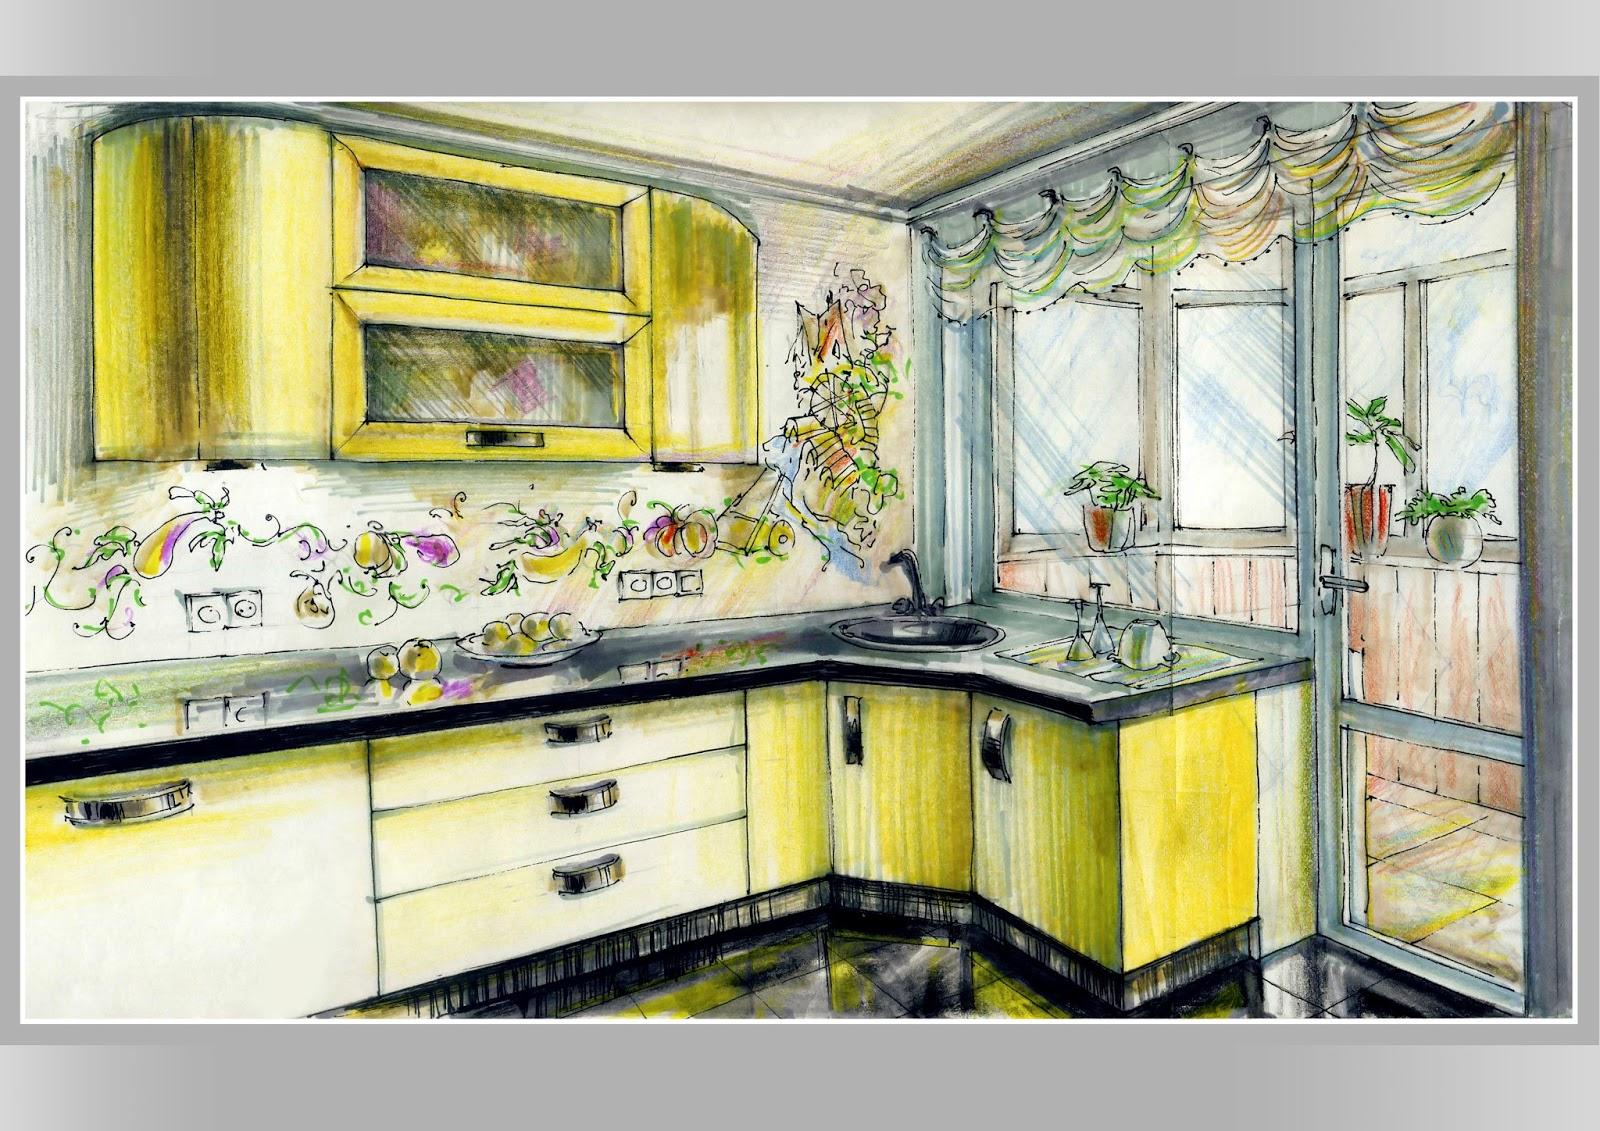 Дизайн кухни с рисунком